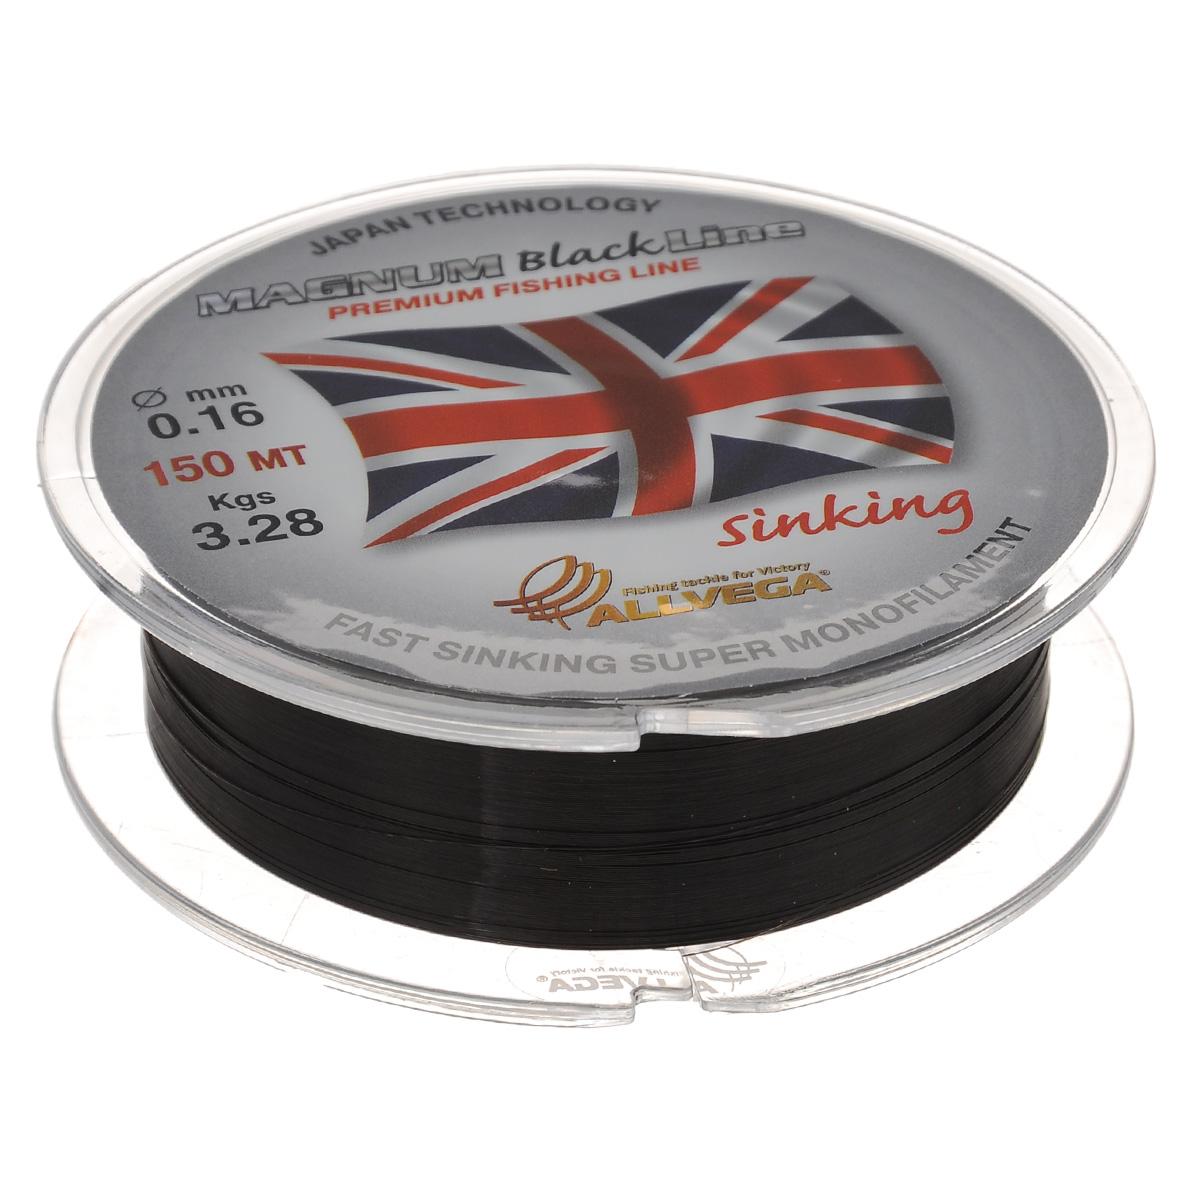 Леска Allvega Magnum Black, цвет: черный, 150 м, 0,16 мм, 3,28 кг